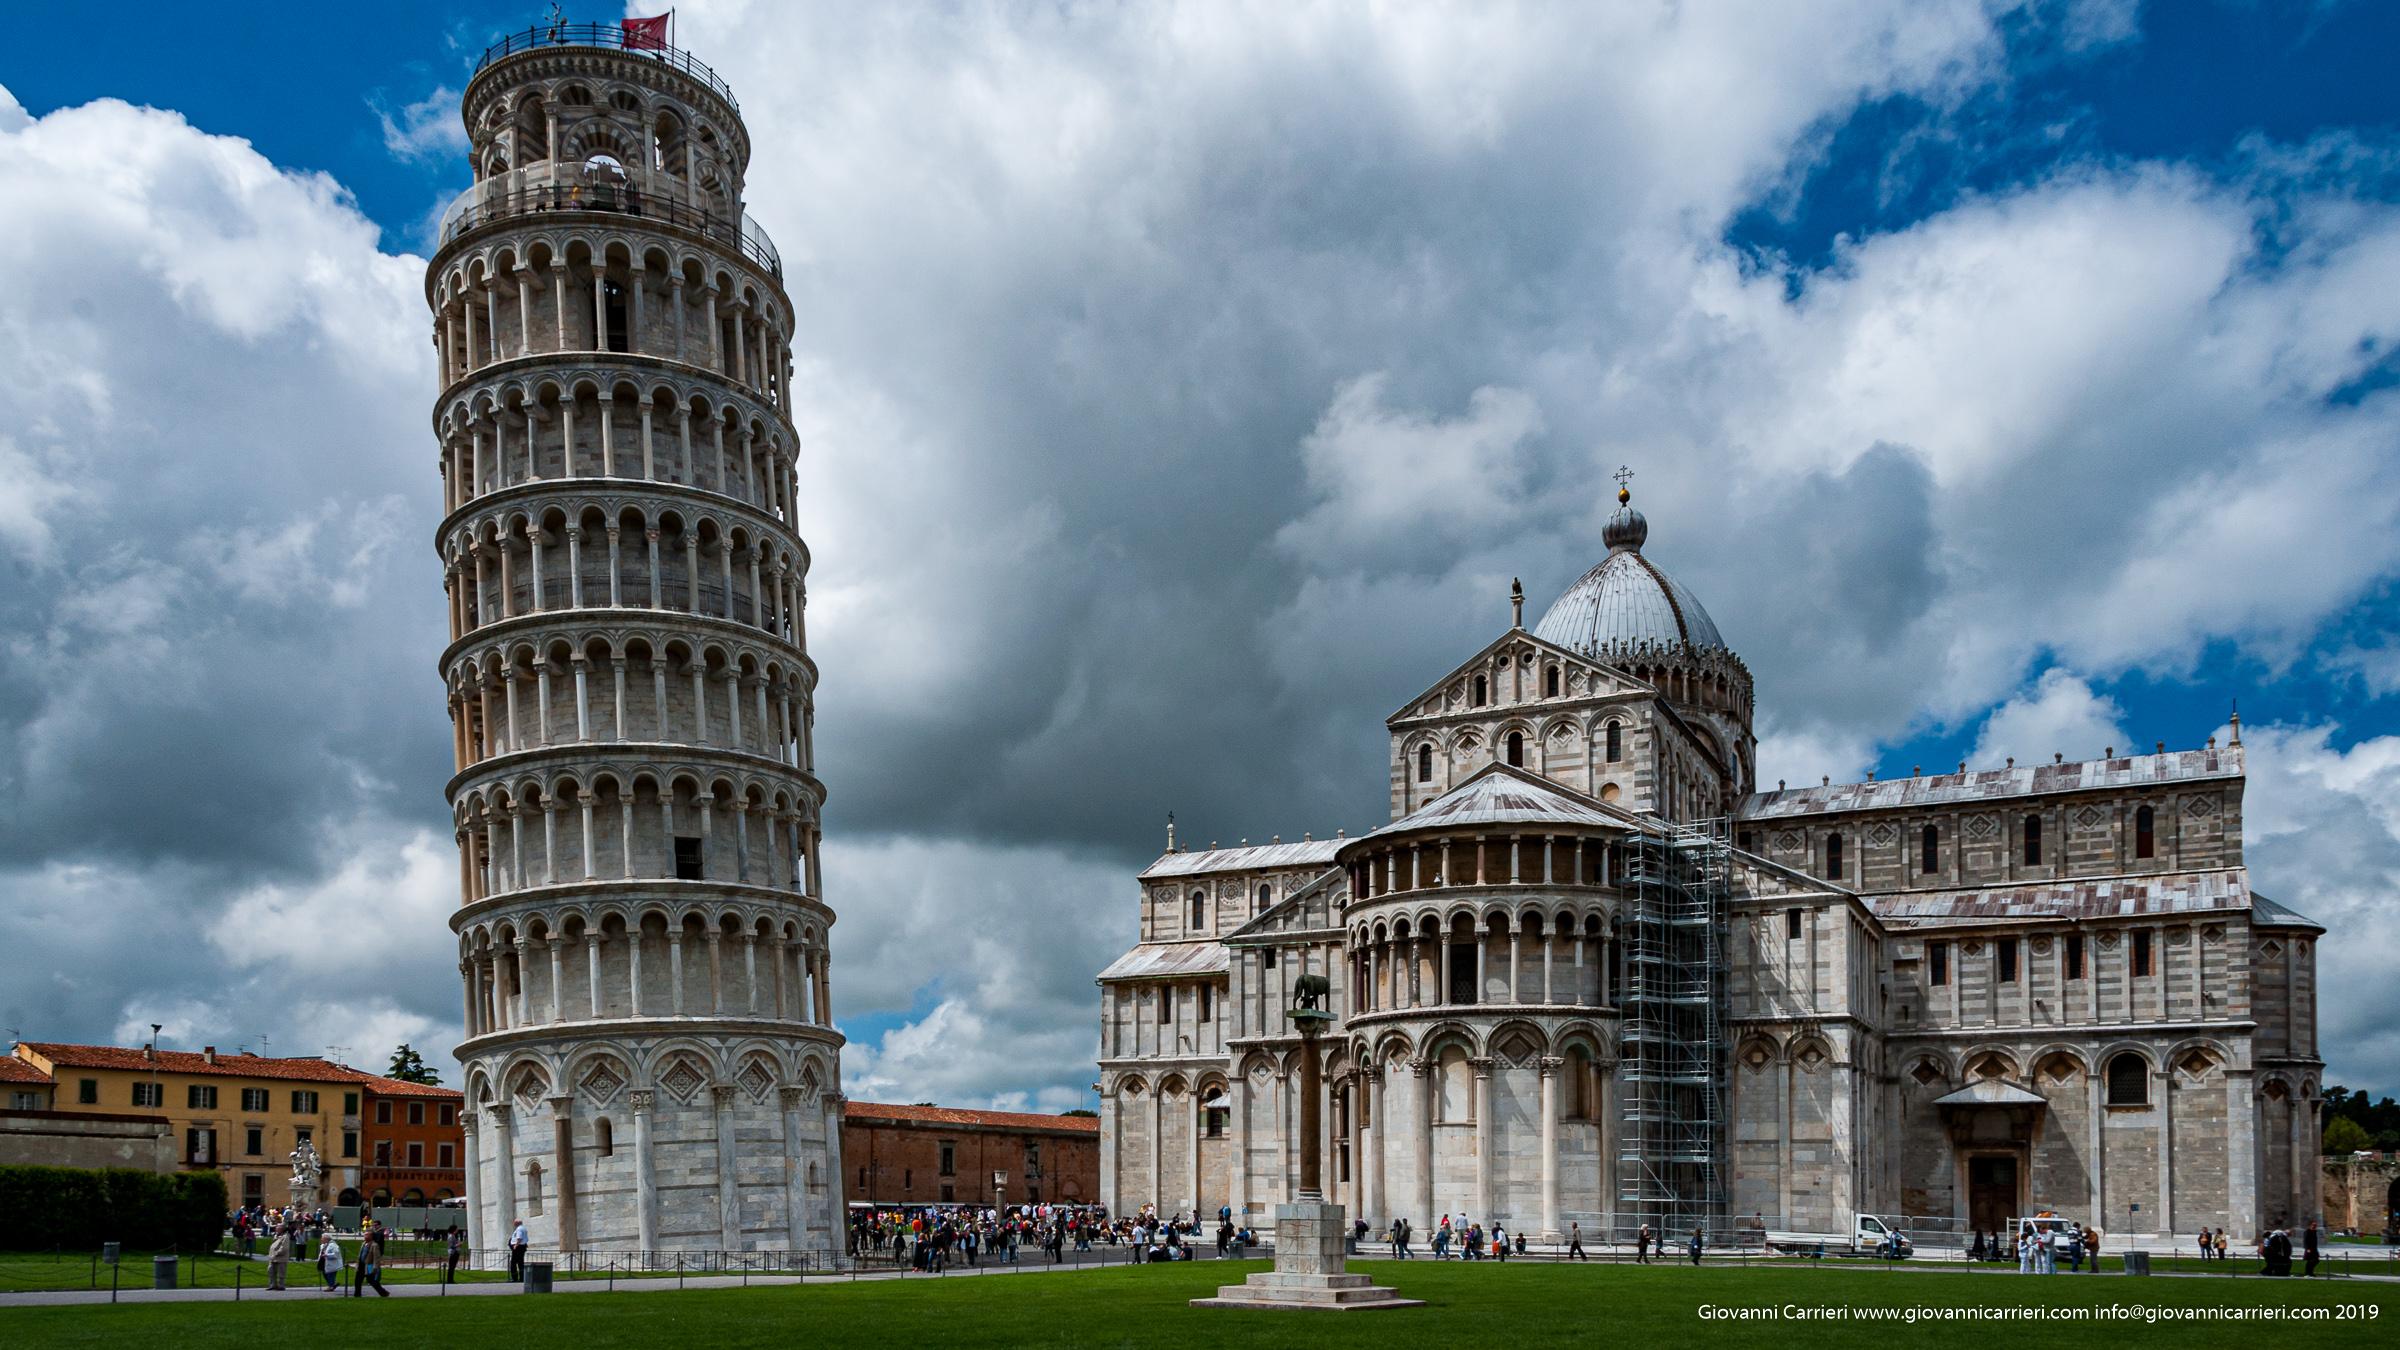 Il campanile - Torre pendente, Piazza dei Miracoli Pisa